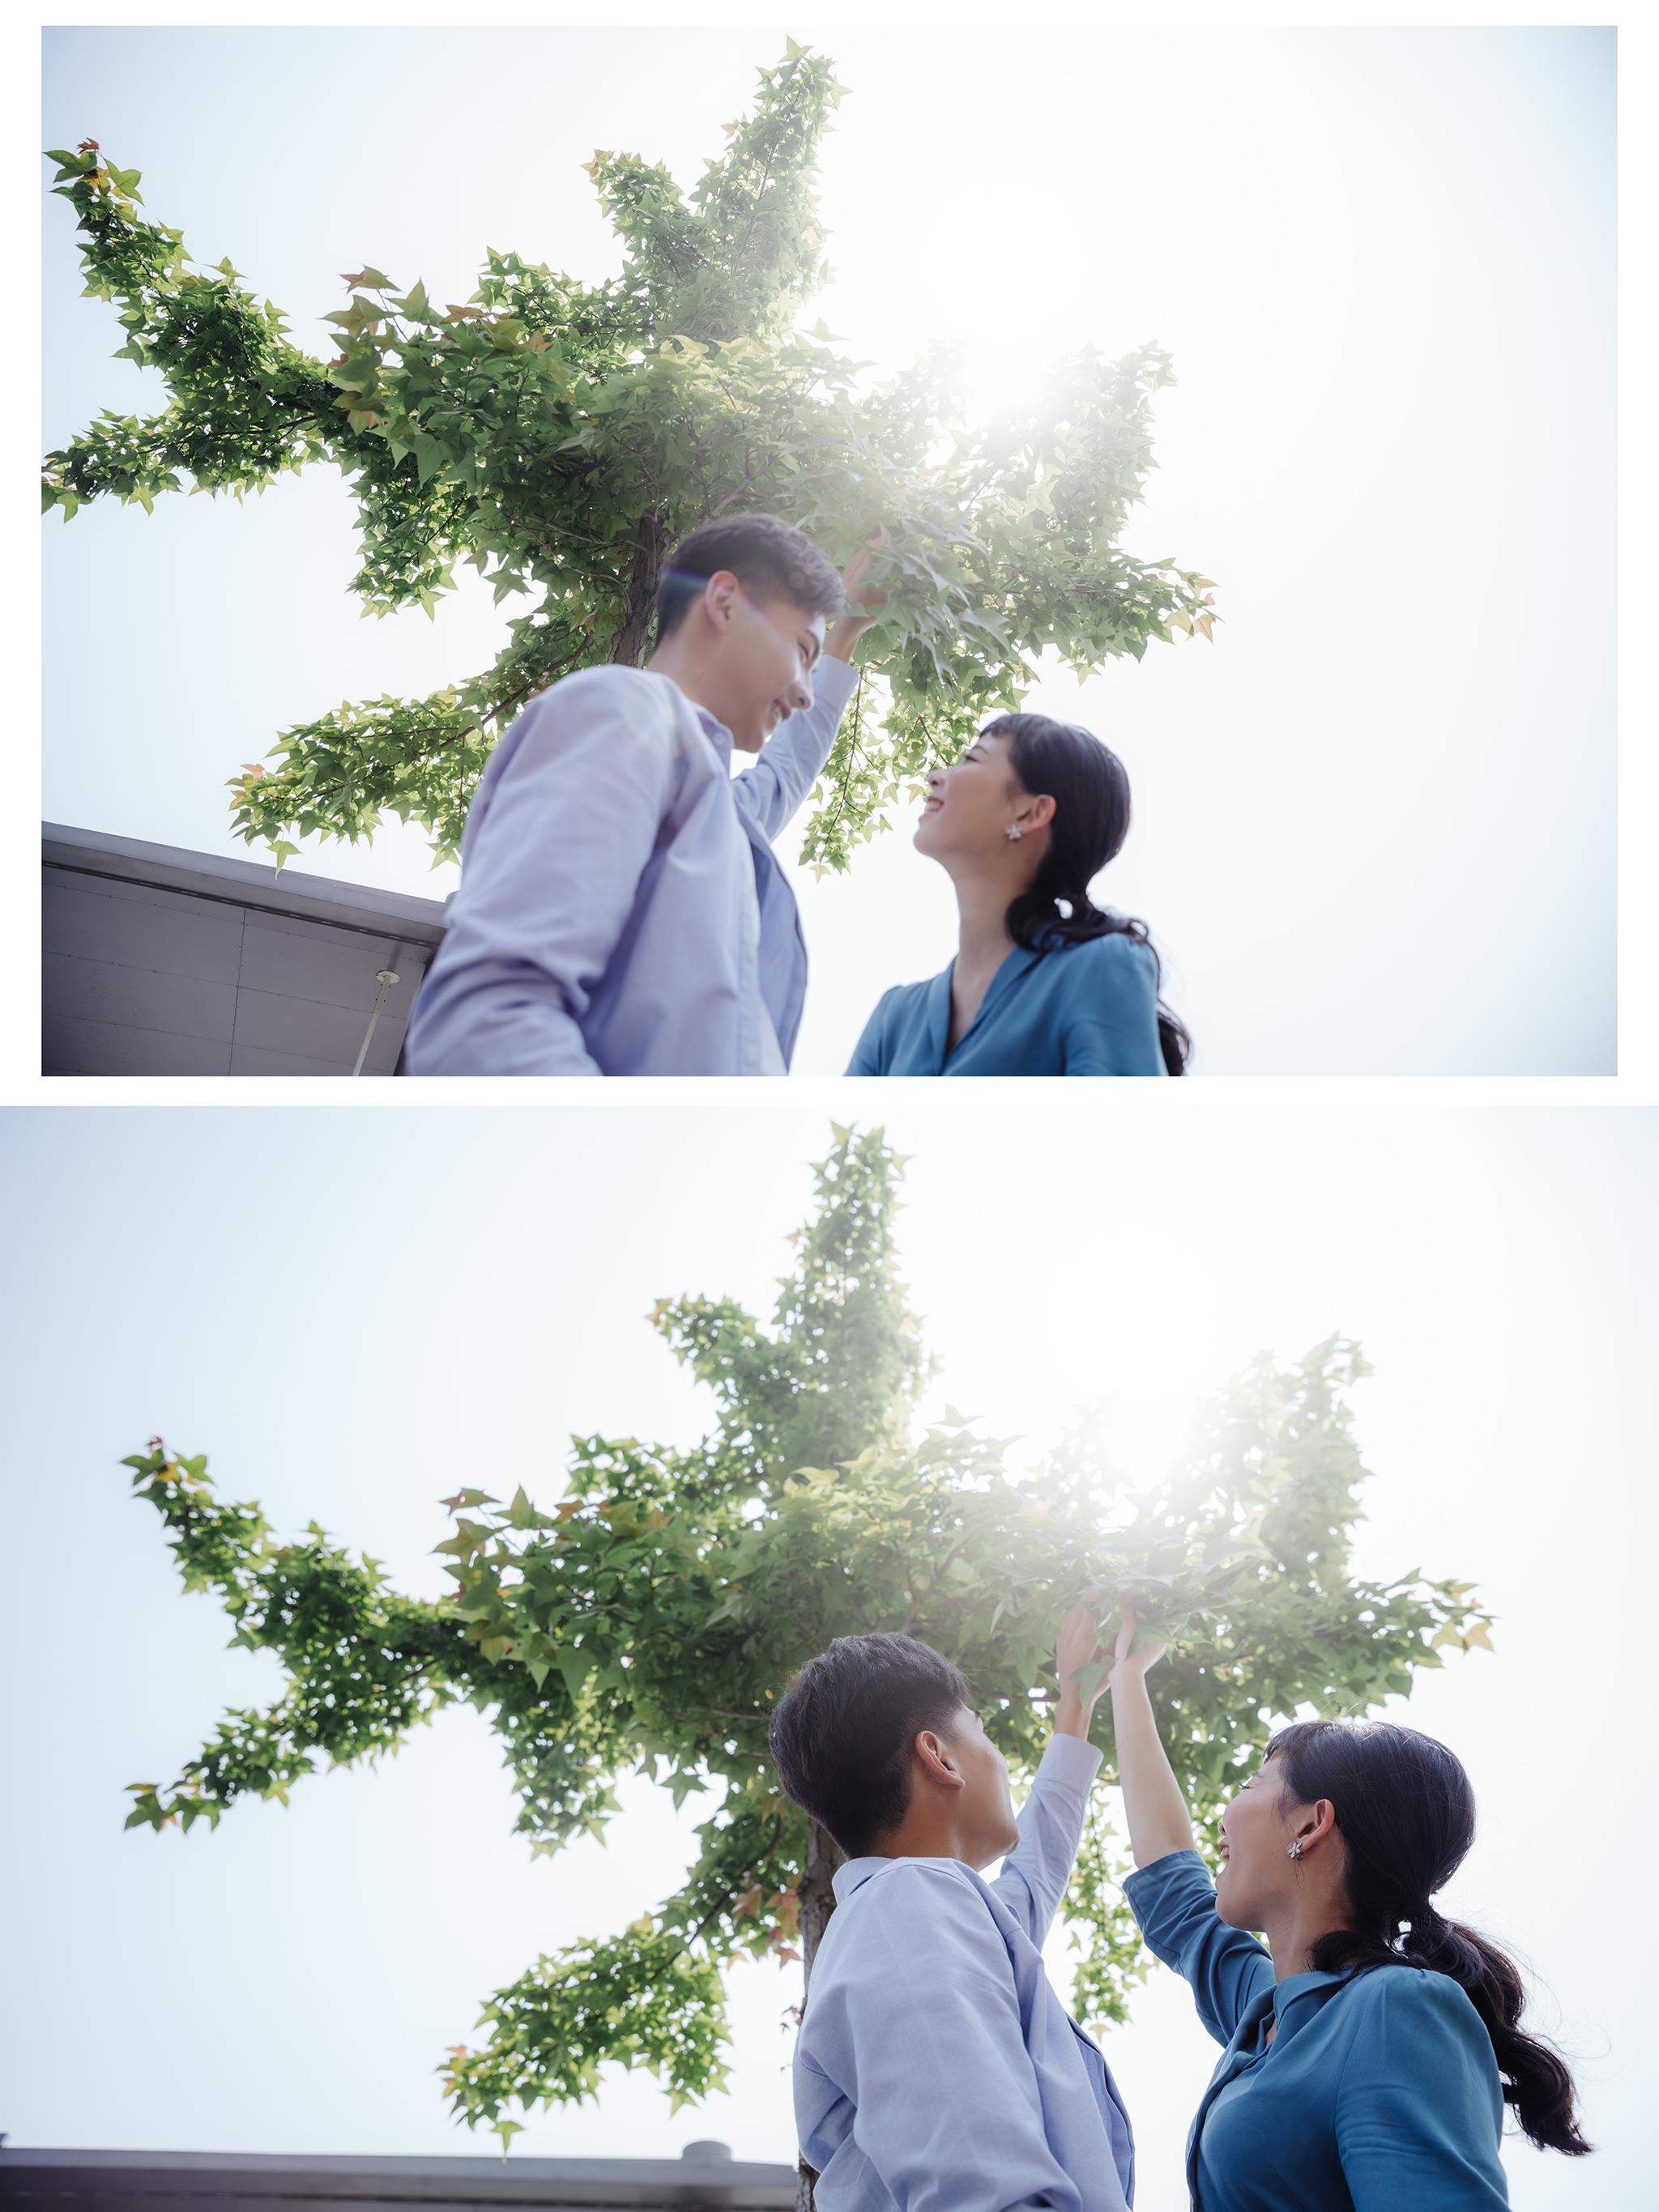 49818353952 0f28b80dc4 o - 【自助婚紗】+允宥&珮嘉+